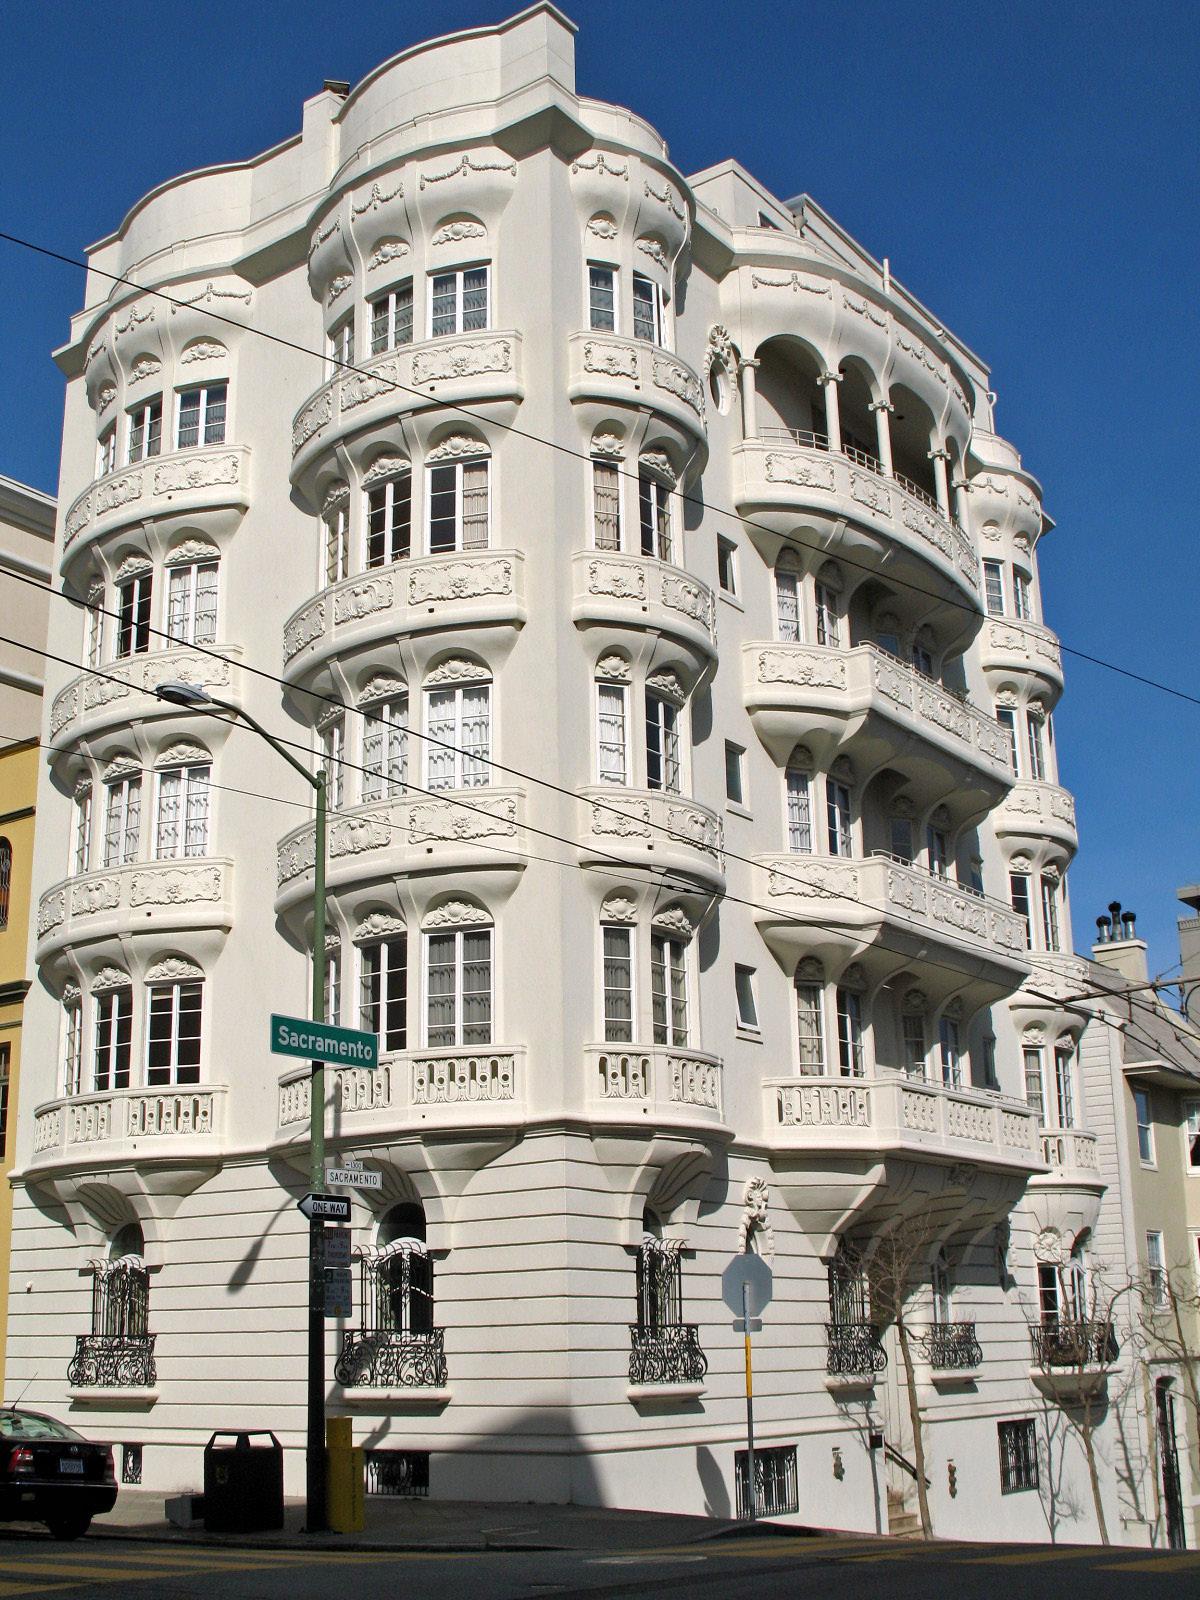 File:Chambord Apartments (San Francisco).JPG